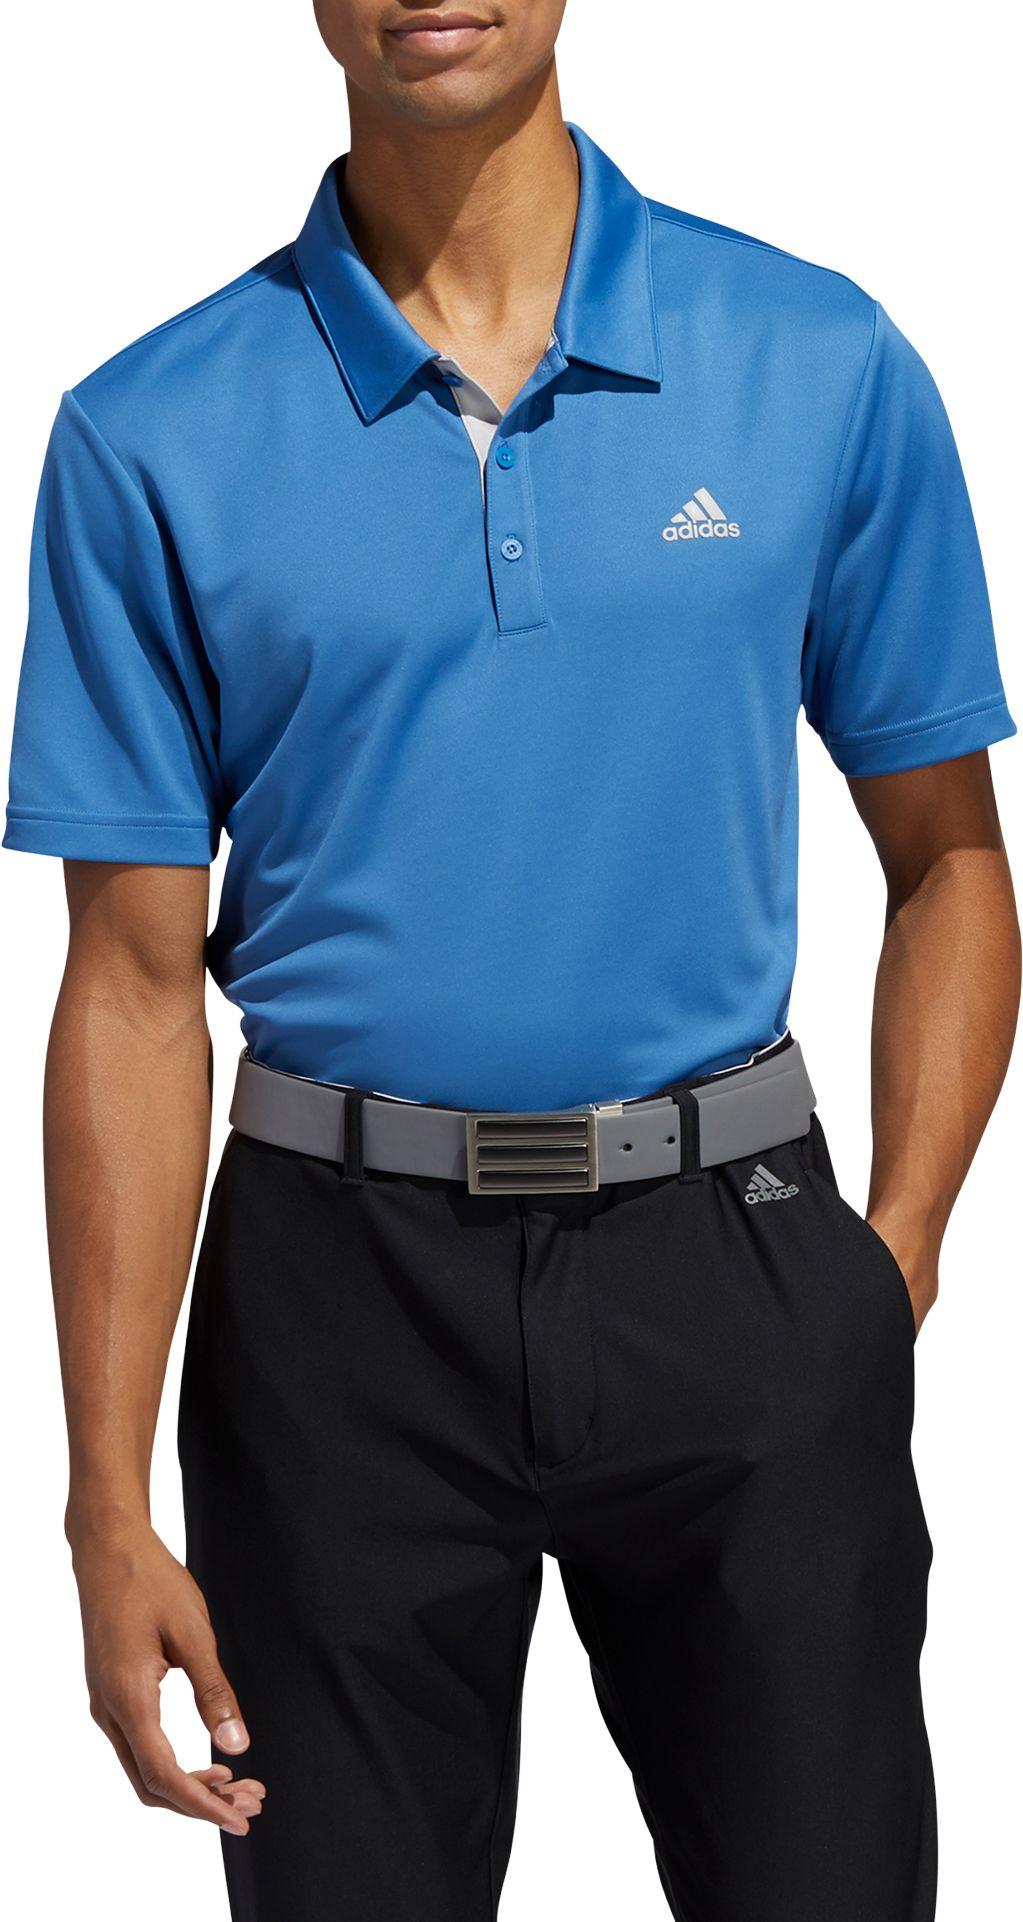 What is a Golf Shirt - Adidas Golf Polo